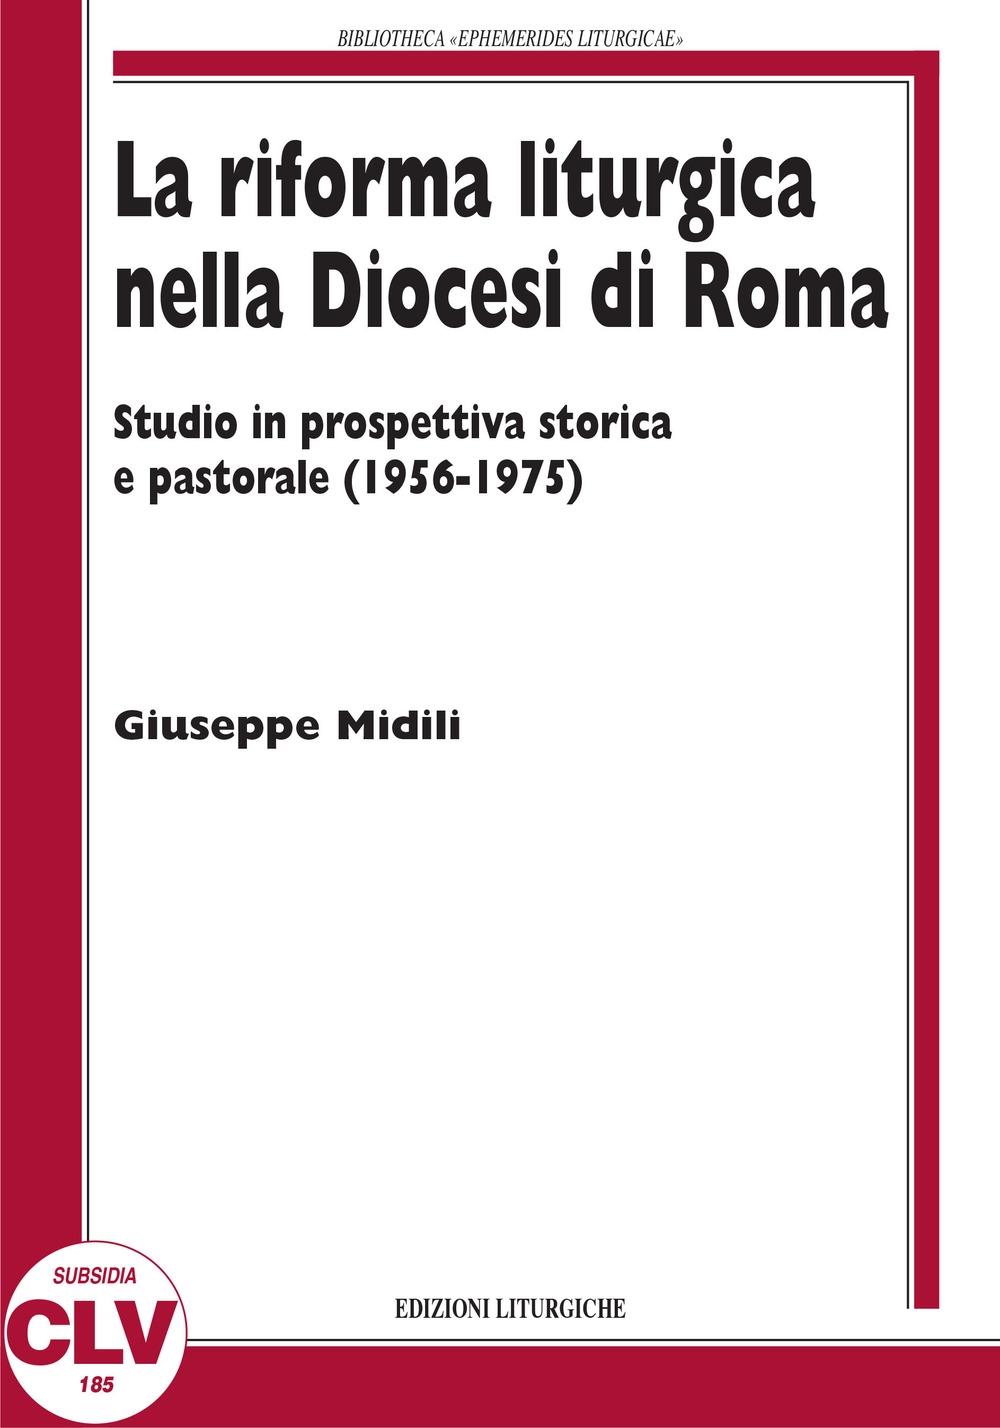 La riforma liturgica nella diocesi di Roma. Studio in prospettiva storica e pastorale (1956-1975)